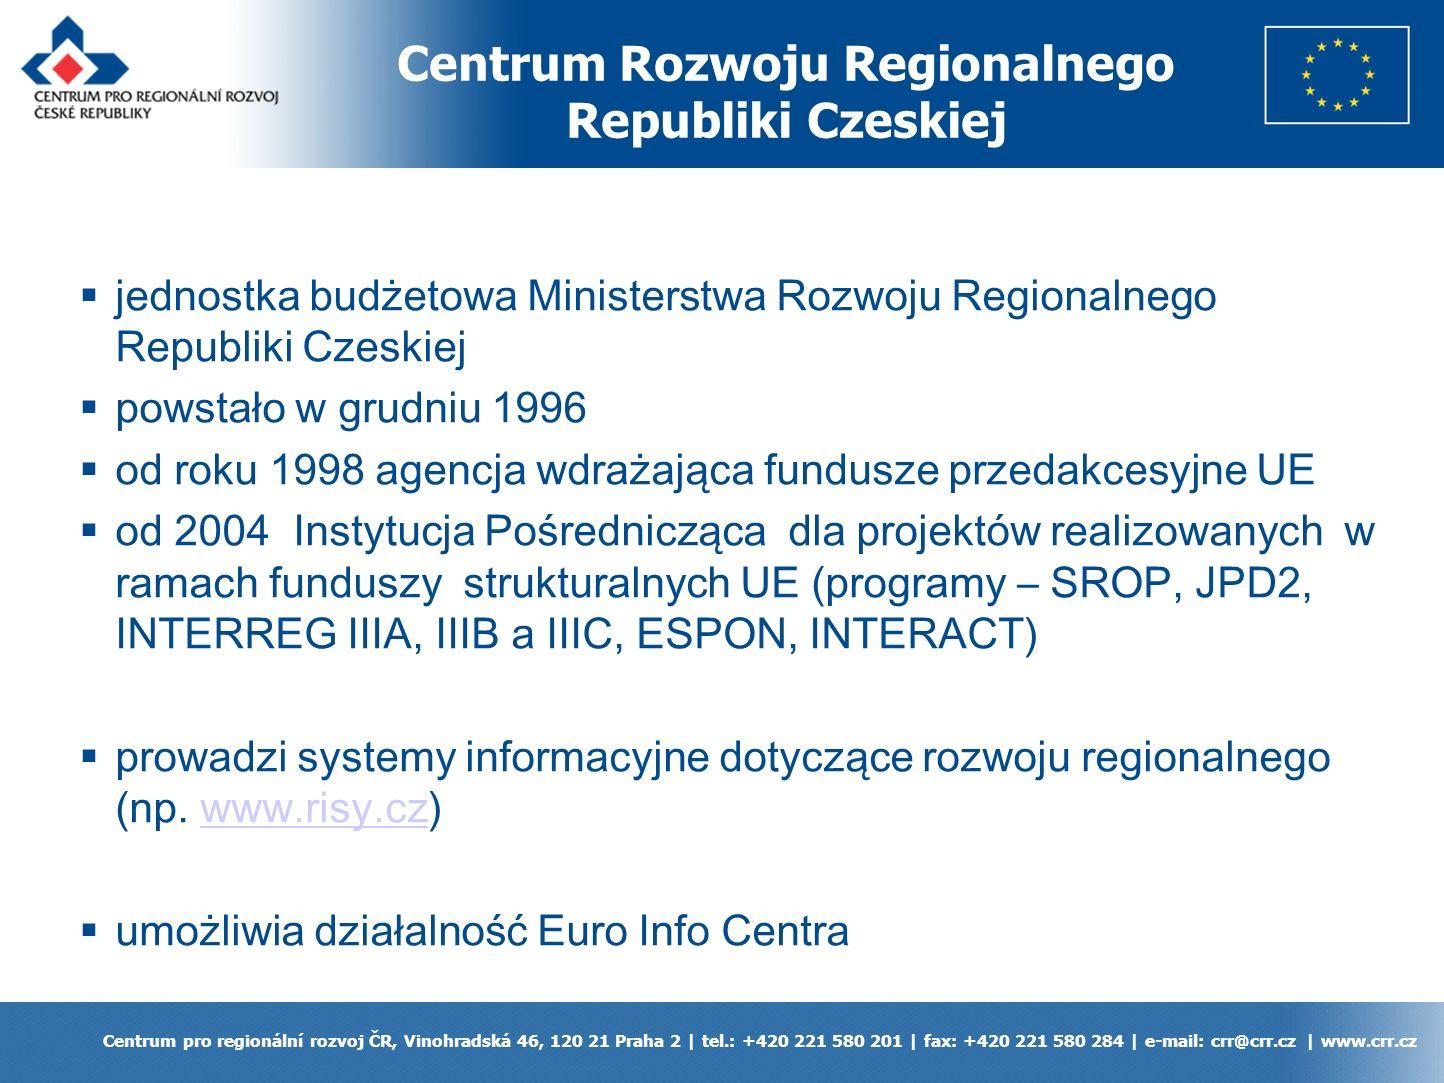 Obszar oddziaływania Programu IW INTERREG IIIA w Republice Czeskiej Centrum pro regionální rozvoj ČR, Vinohradská 46, 120 21 Praha 2 | tel.: +420 221 580 201 | fax: +420 221 580 284 | e-mail: crr@crr.cz | www.crr.cz